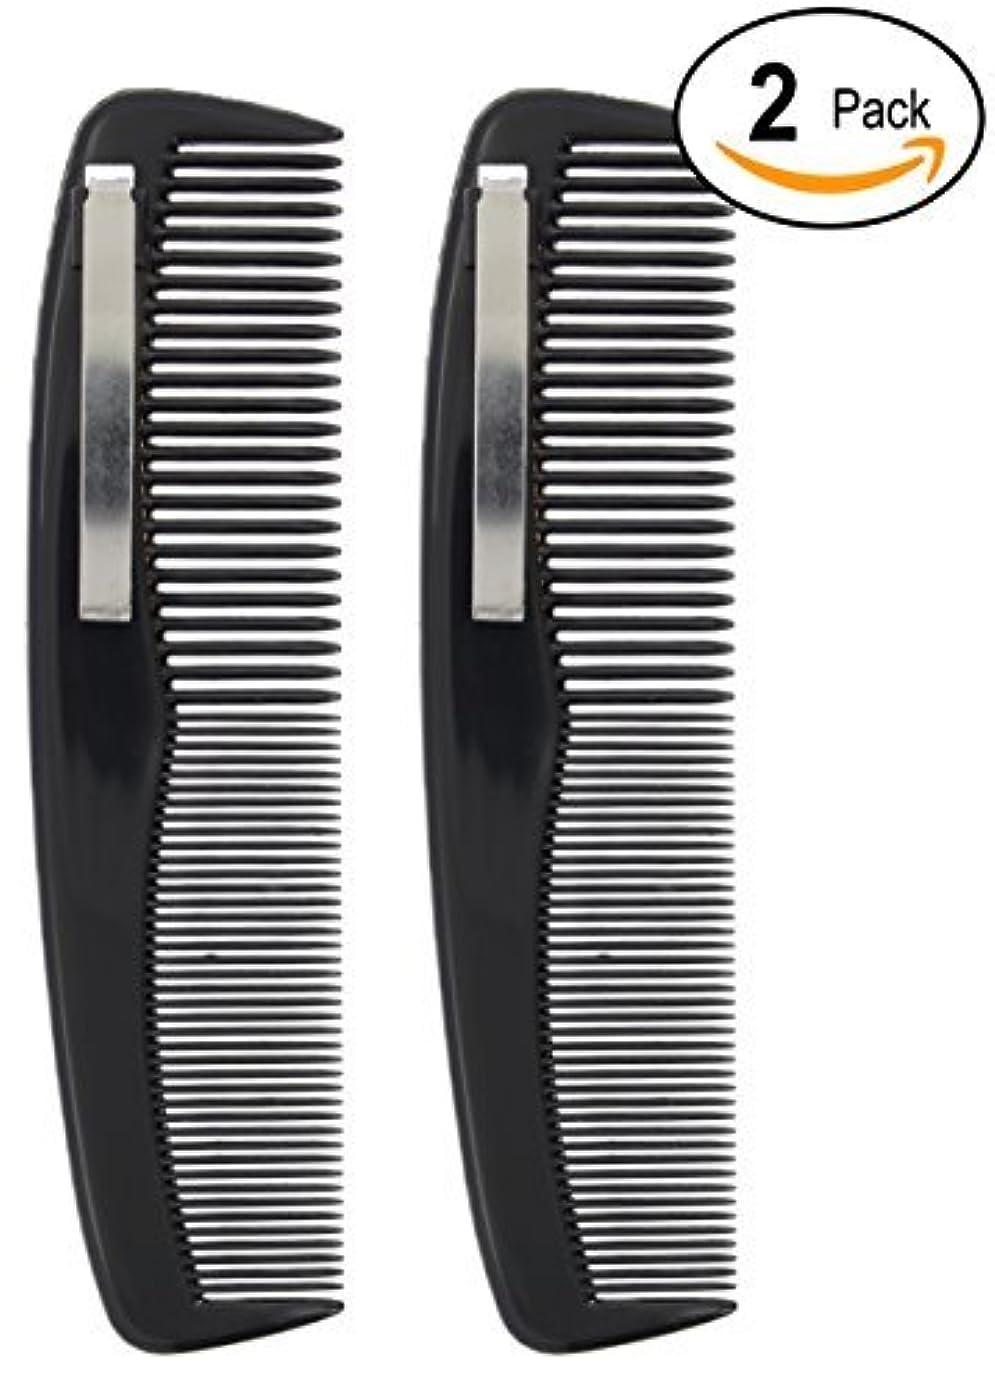 イヤホン絶縁する絶縁する2 Black Pocket Comb - 5